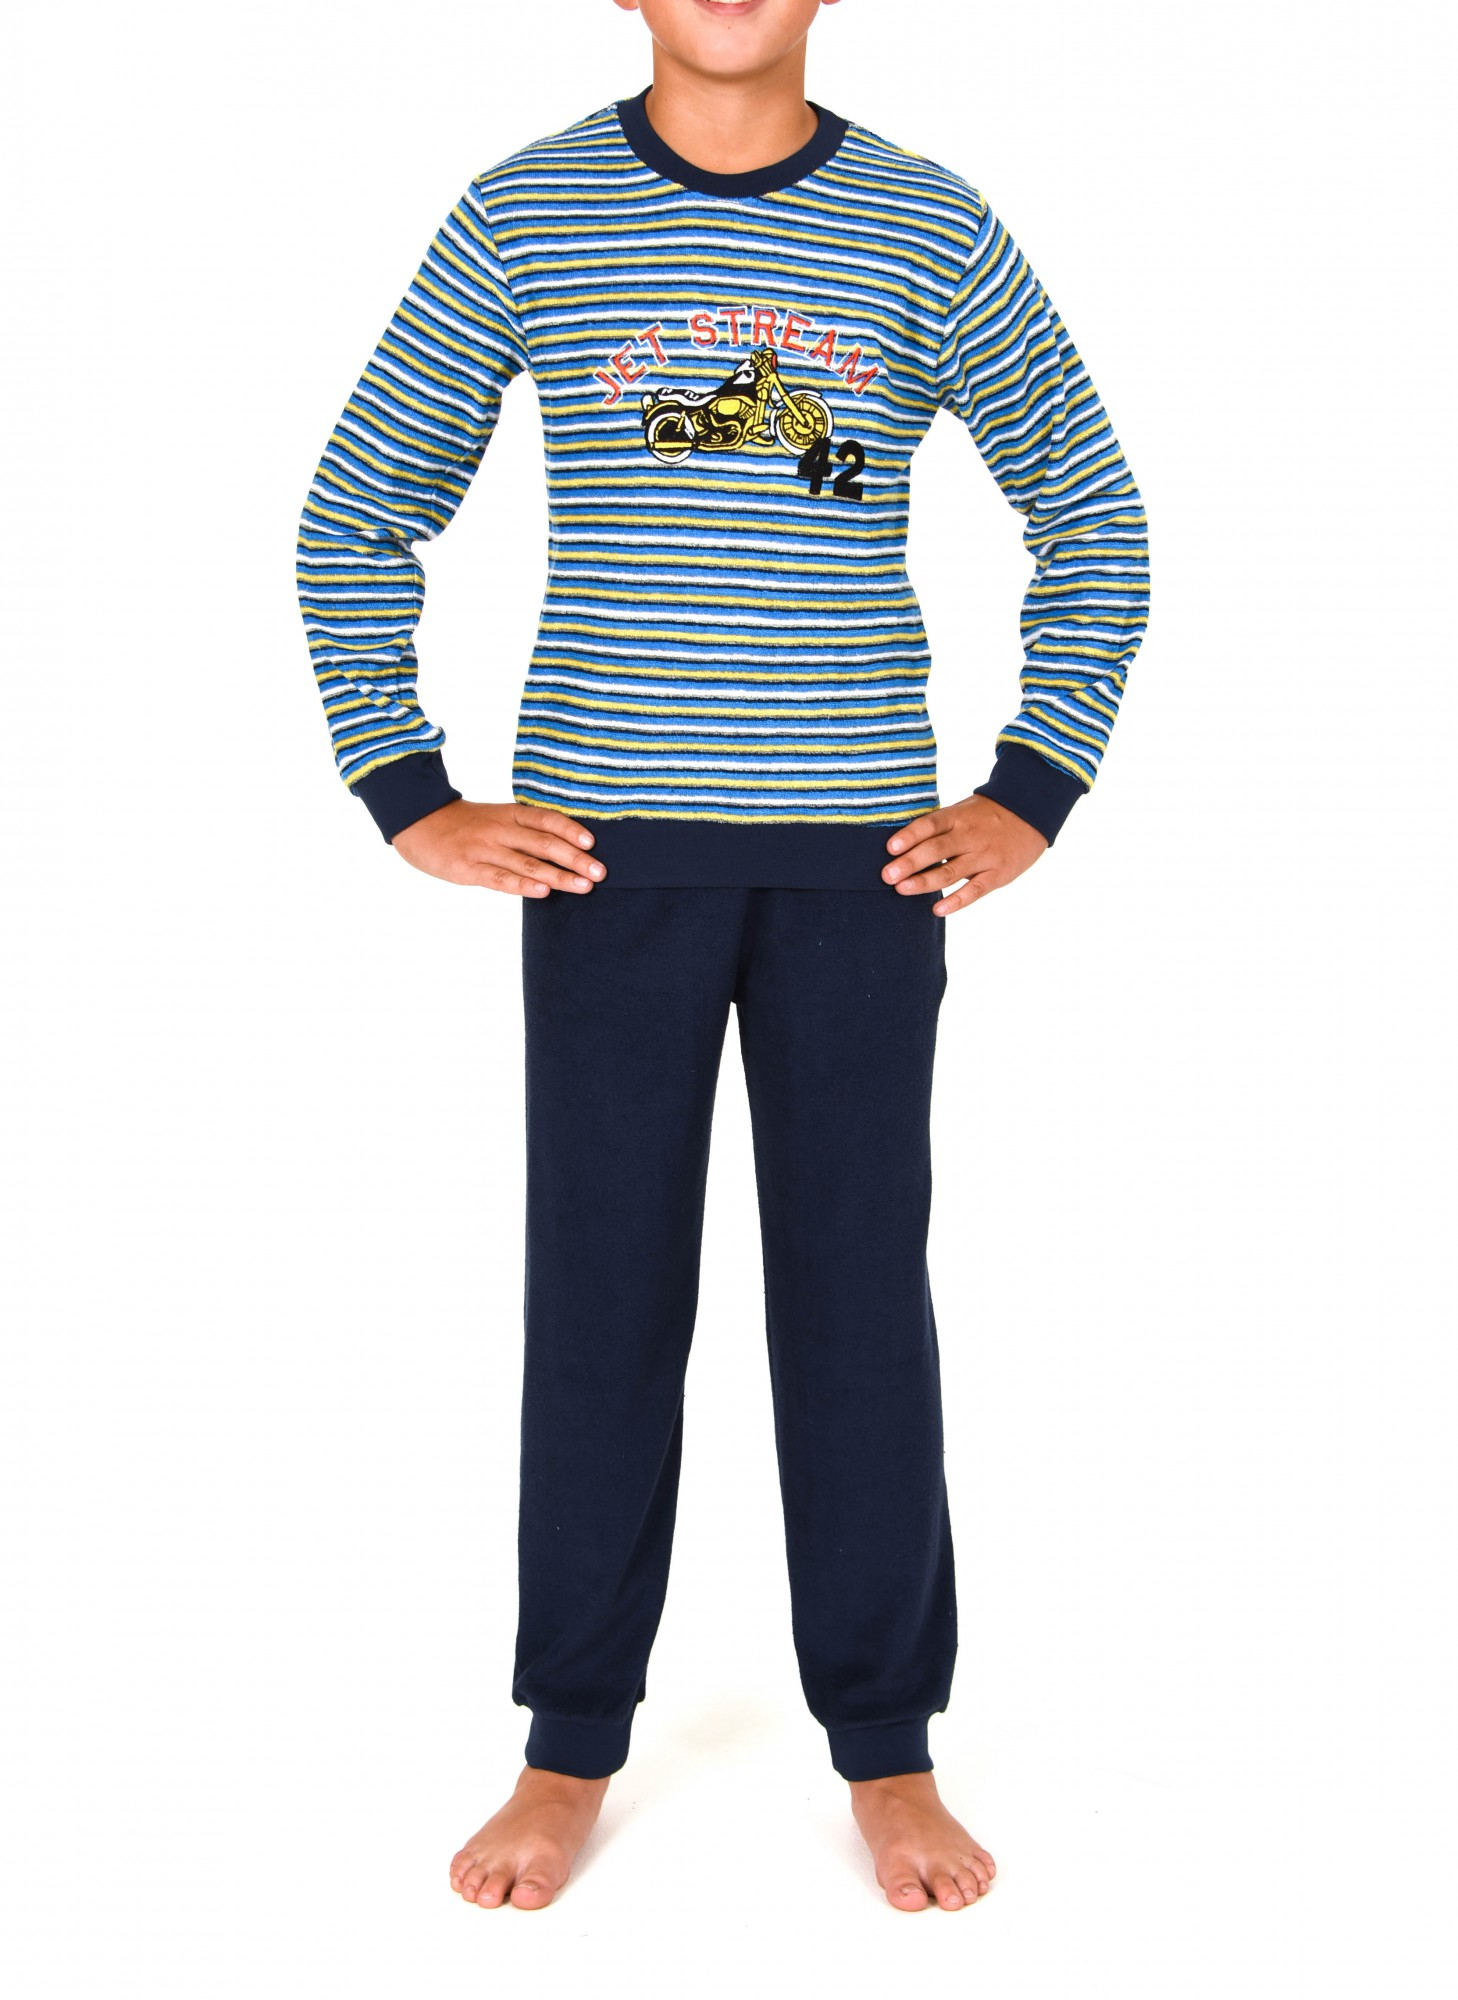 Jungen Frottee Pyjama langarm mit Bündchen – 251 501 93 220 – Bild 1